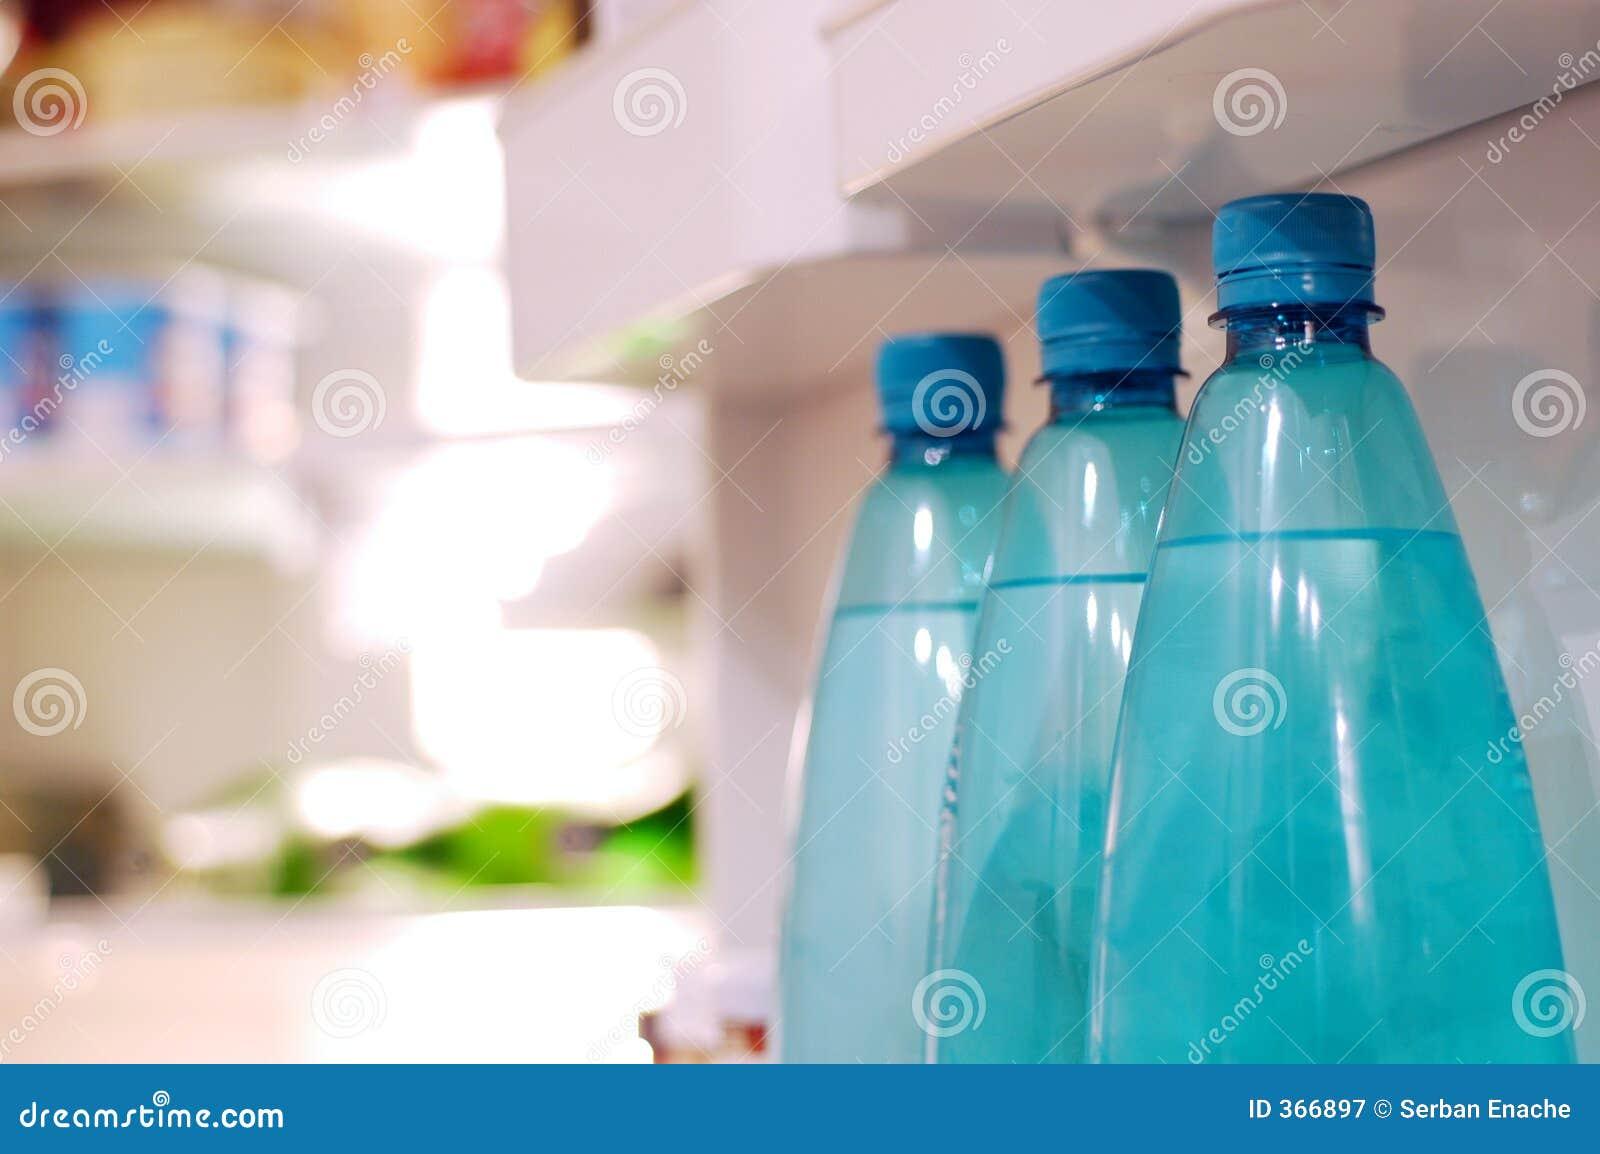 Wasserflaschen im Kühlraum